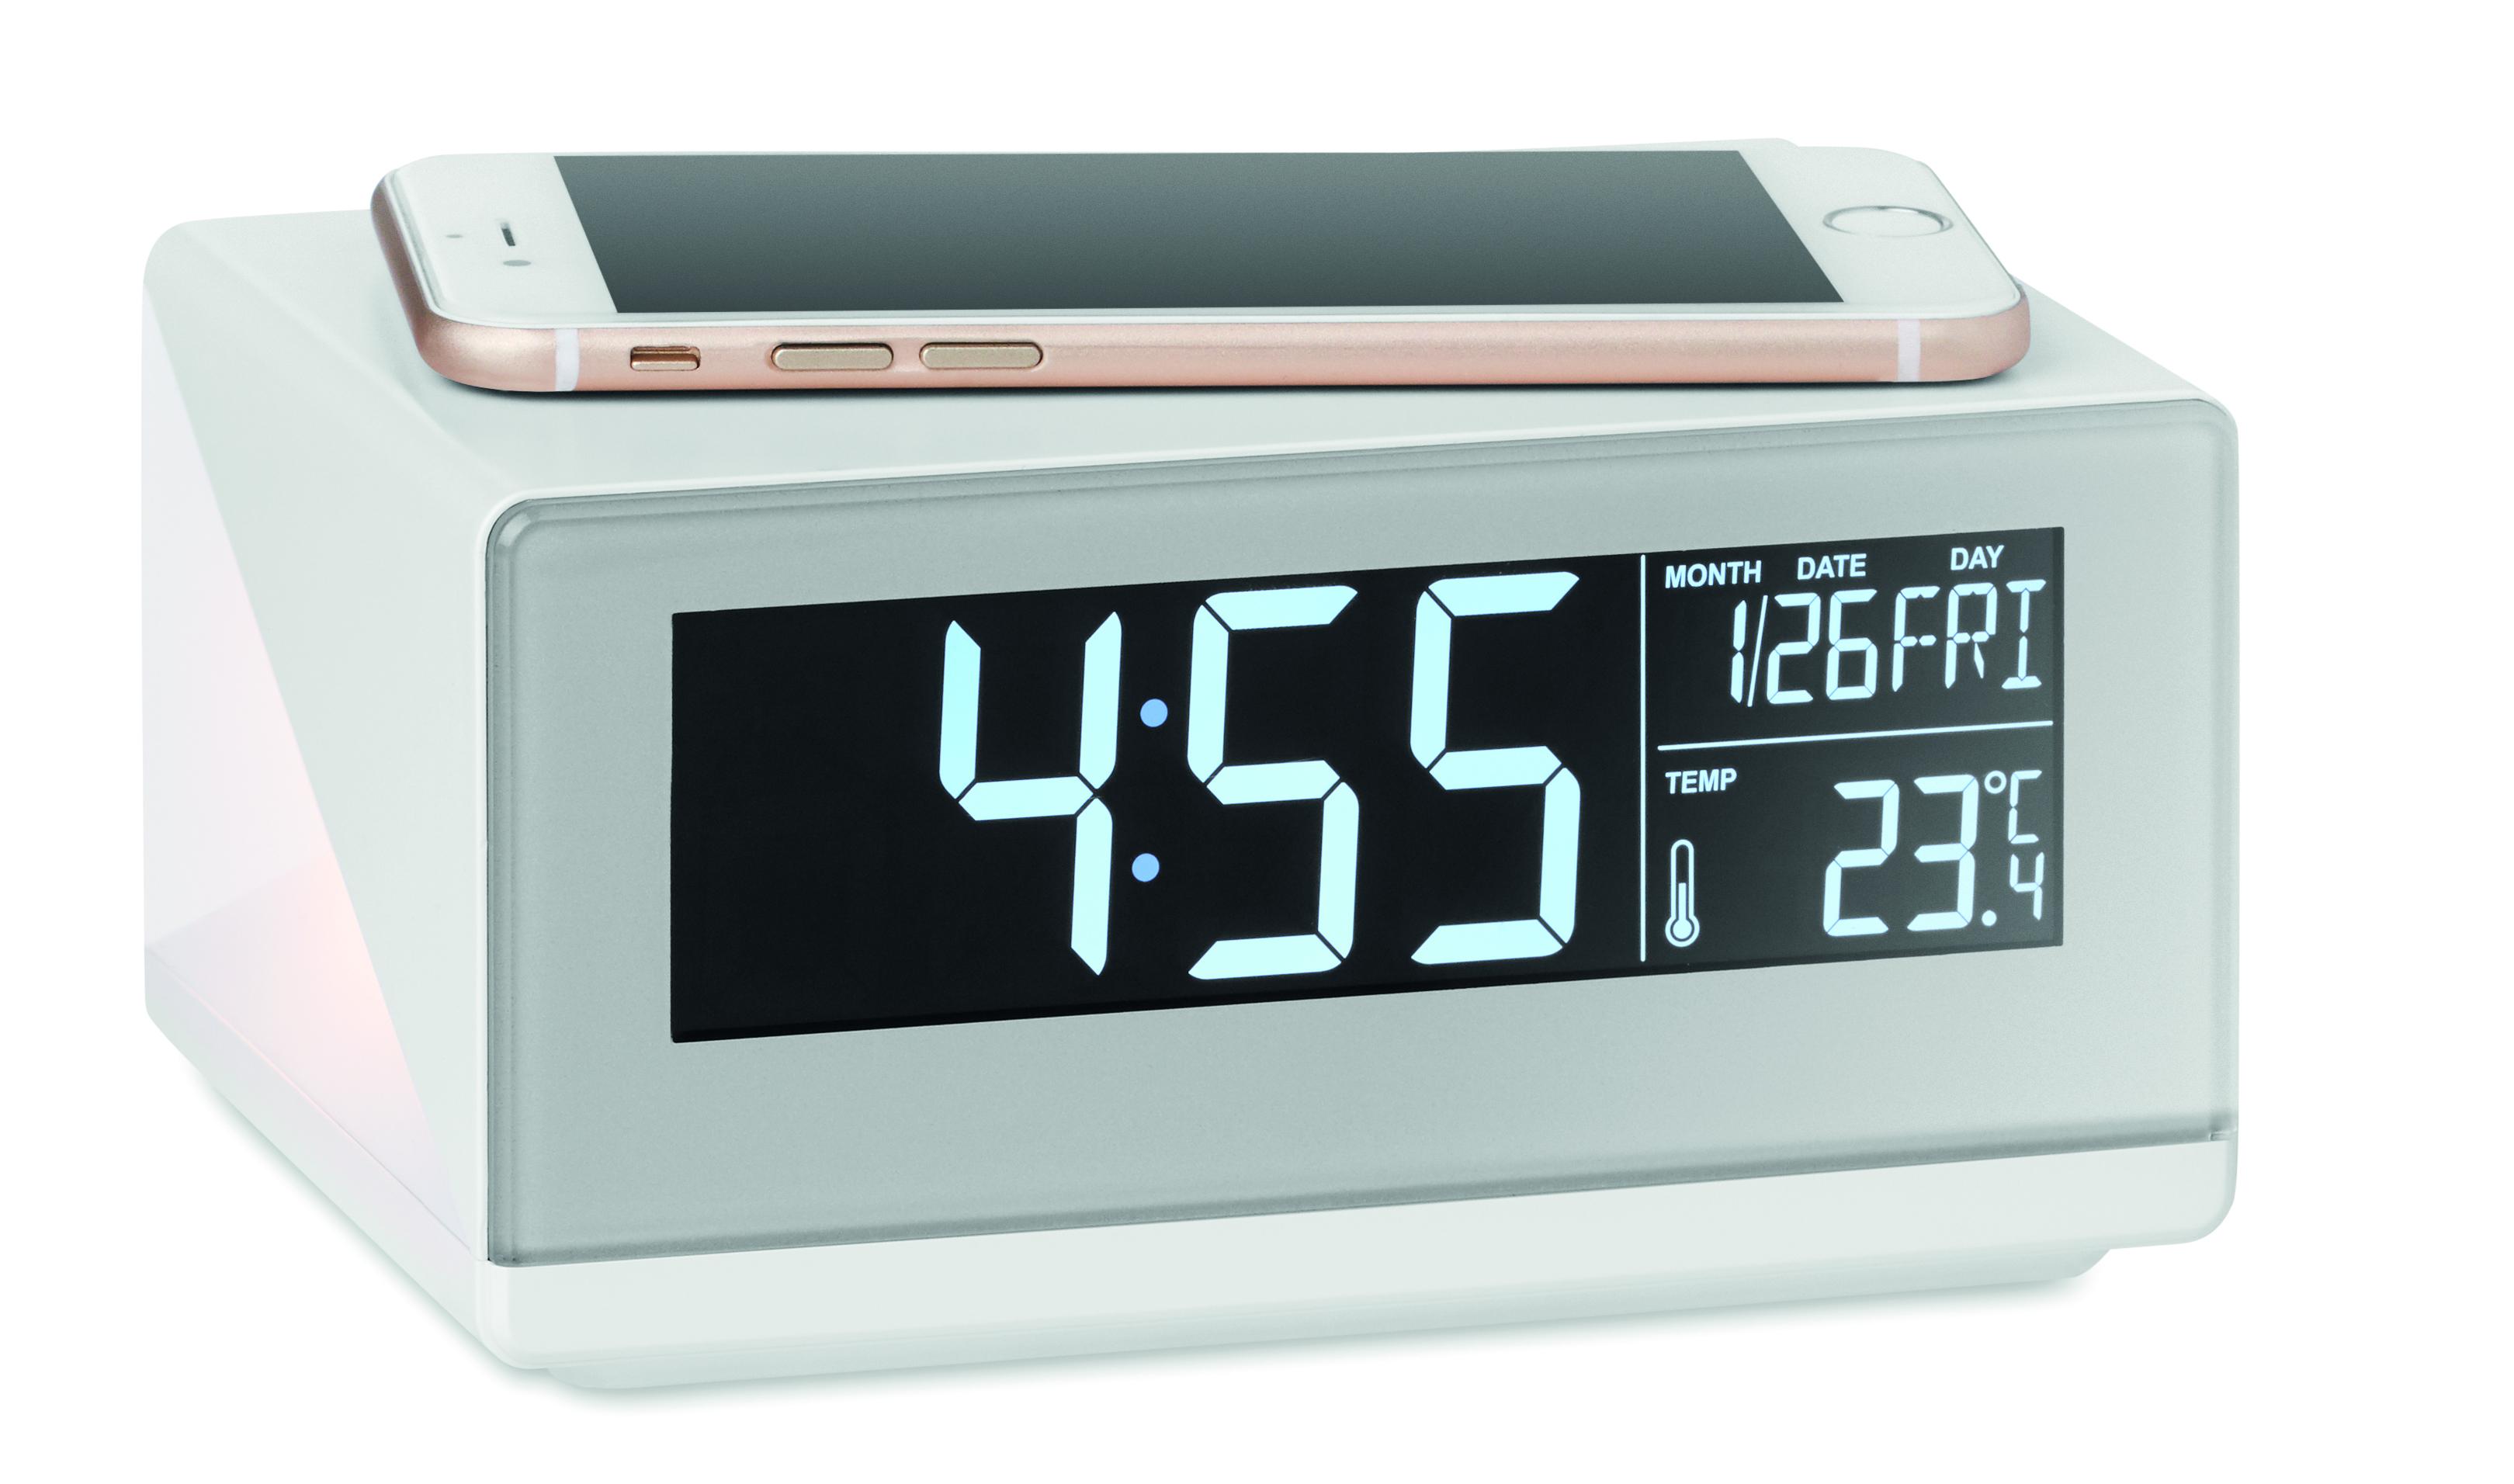 Horloge LED et chargeur sans fil - 6-1725-4